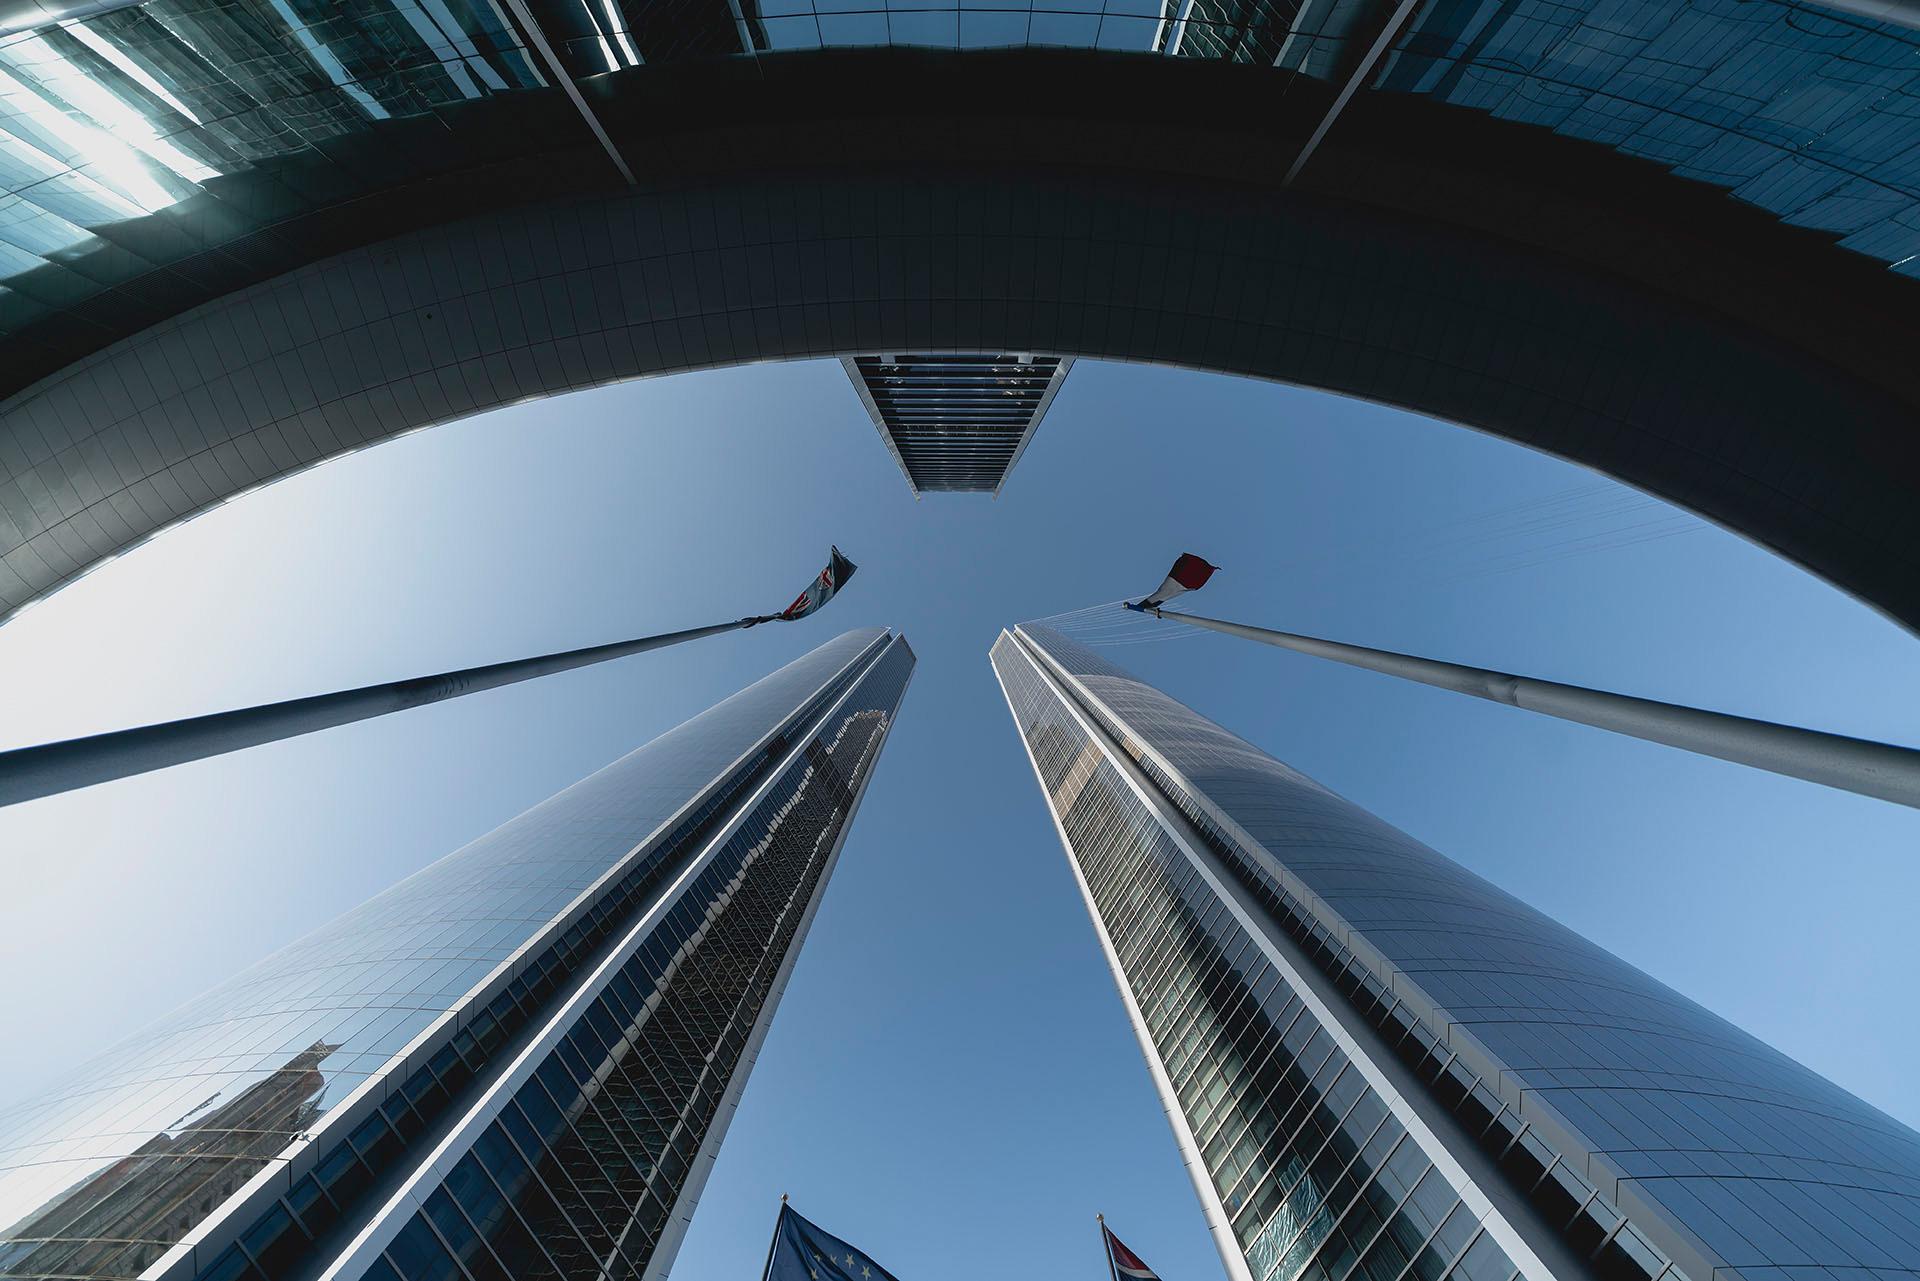 Dubai Sony Alpha Perspective